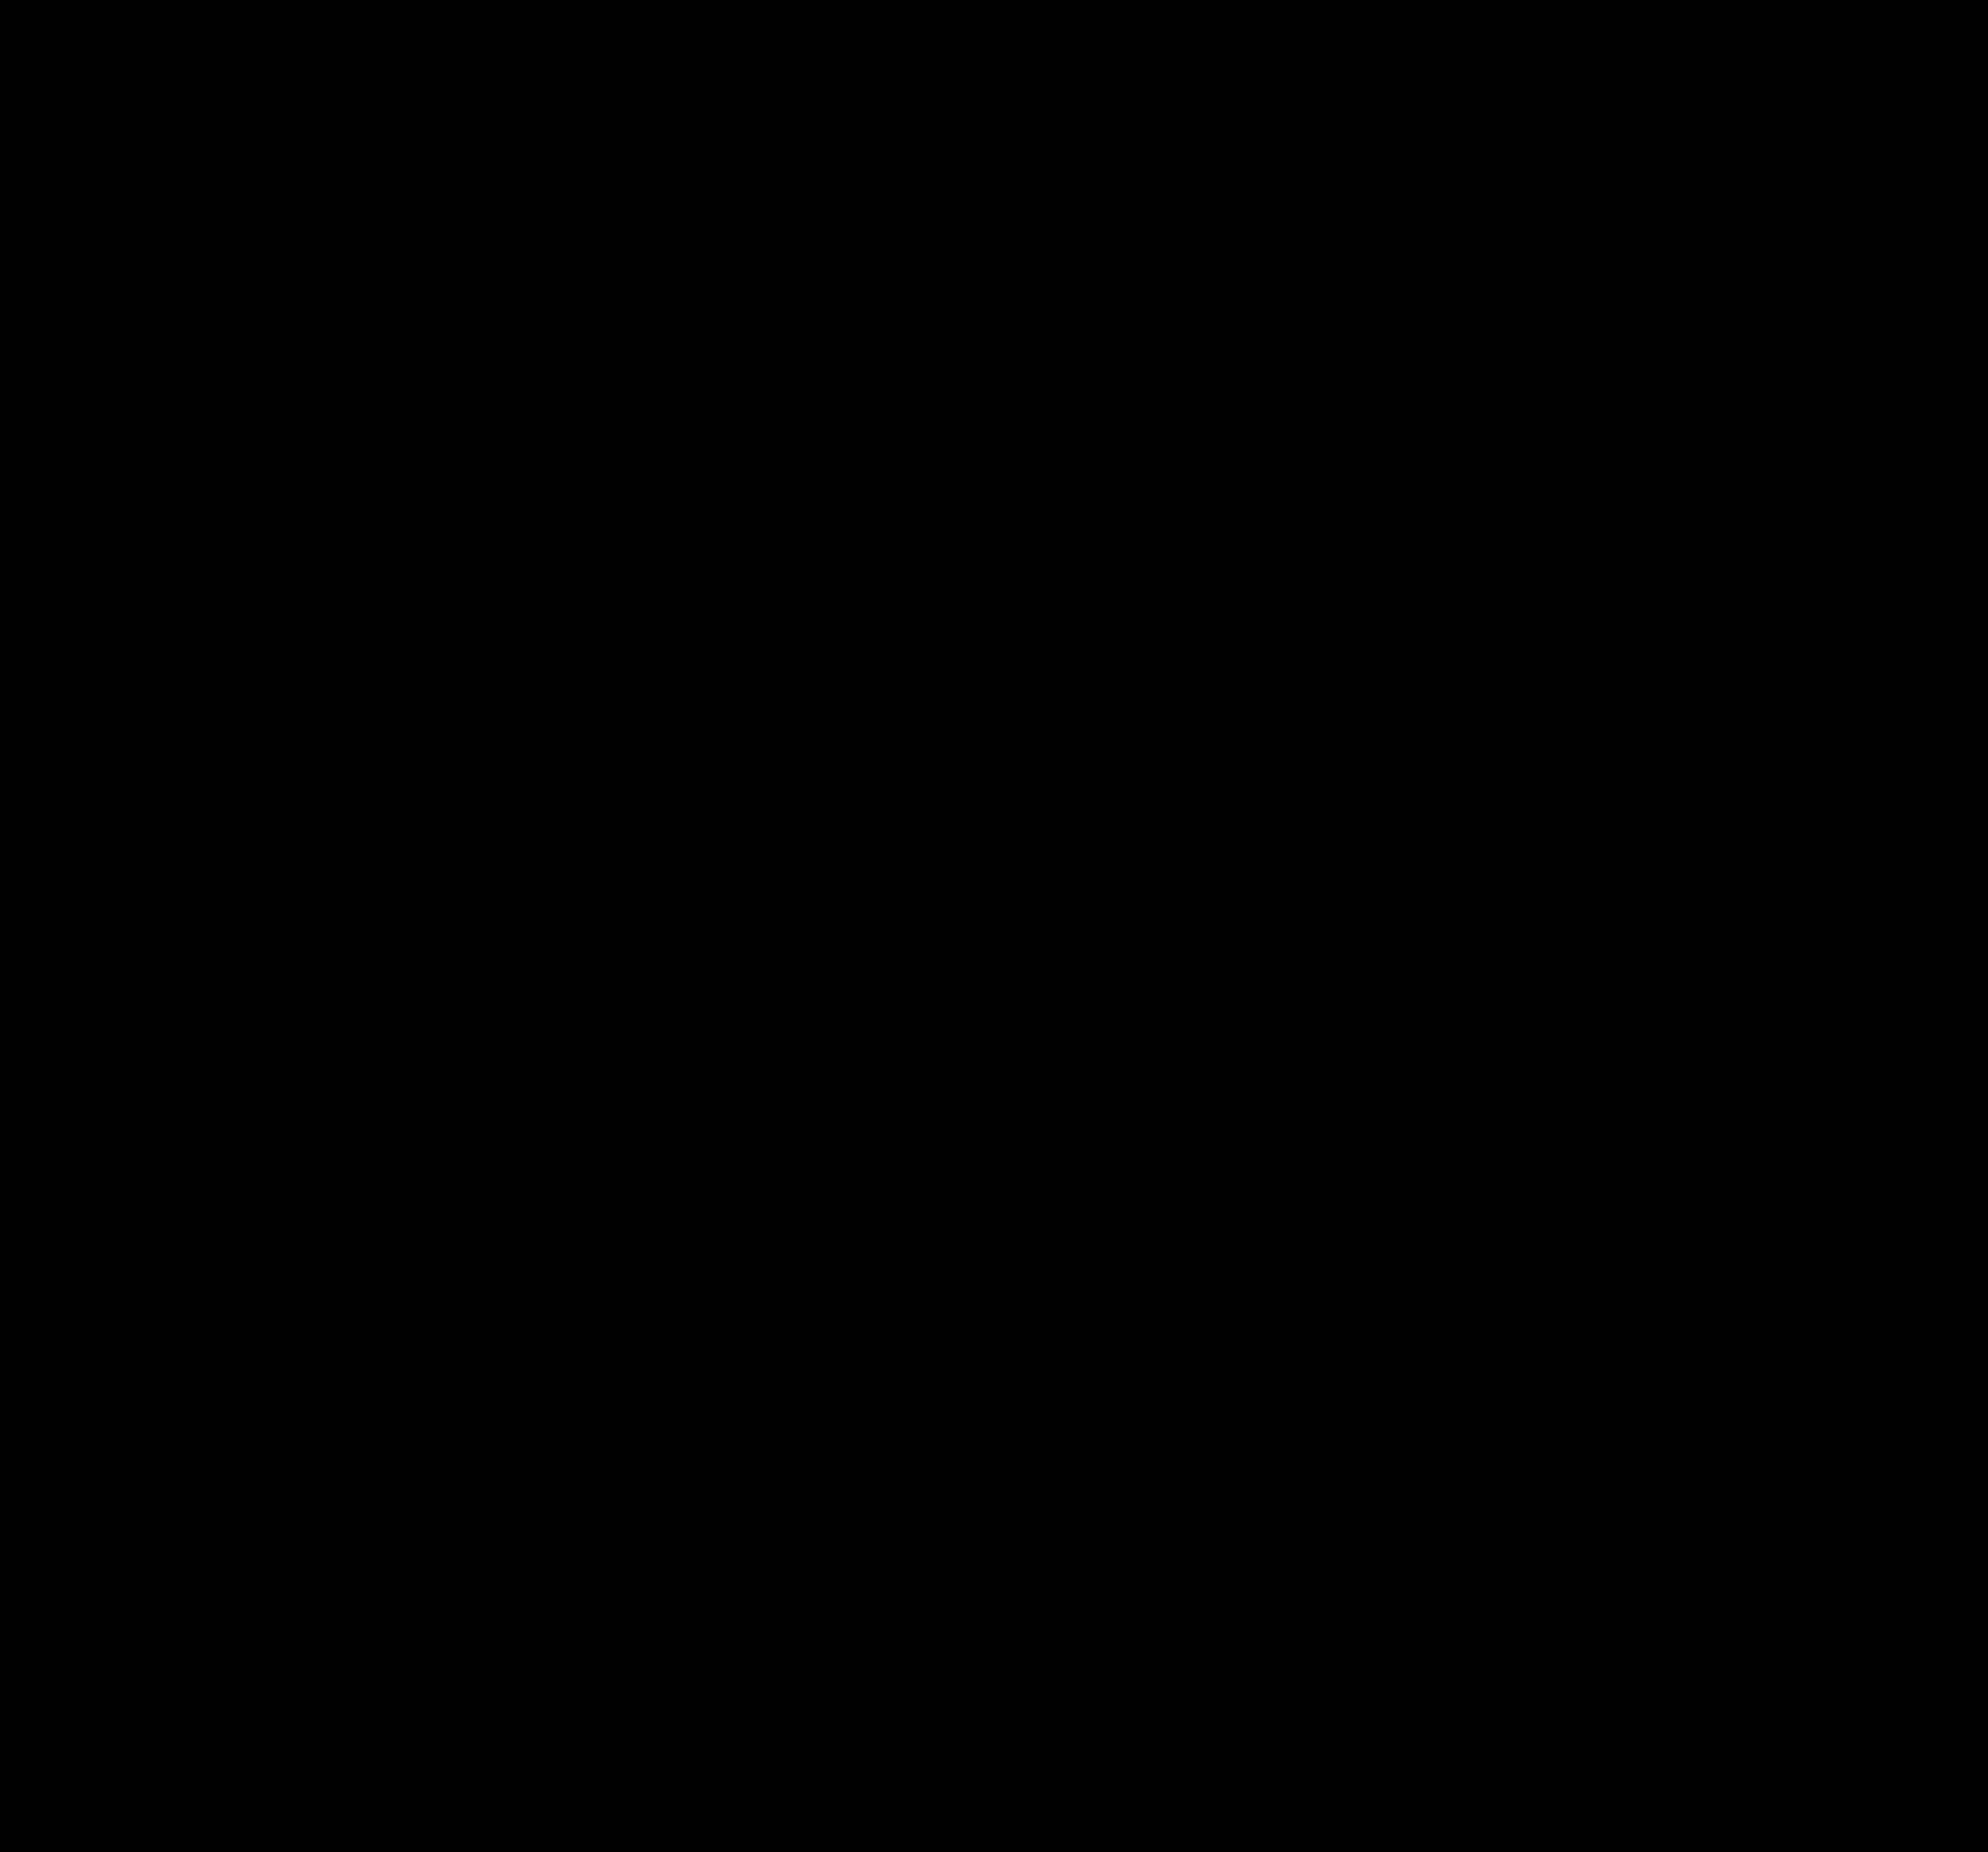 2142x1996 Pumpkin Black And White Clipart Hand Drawn Pumpkin Outline